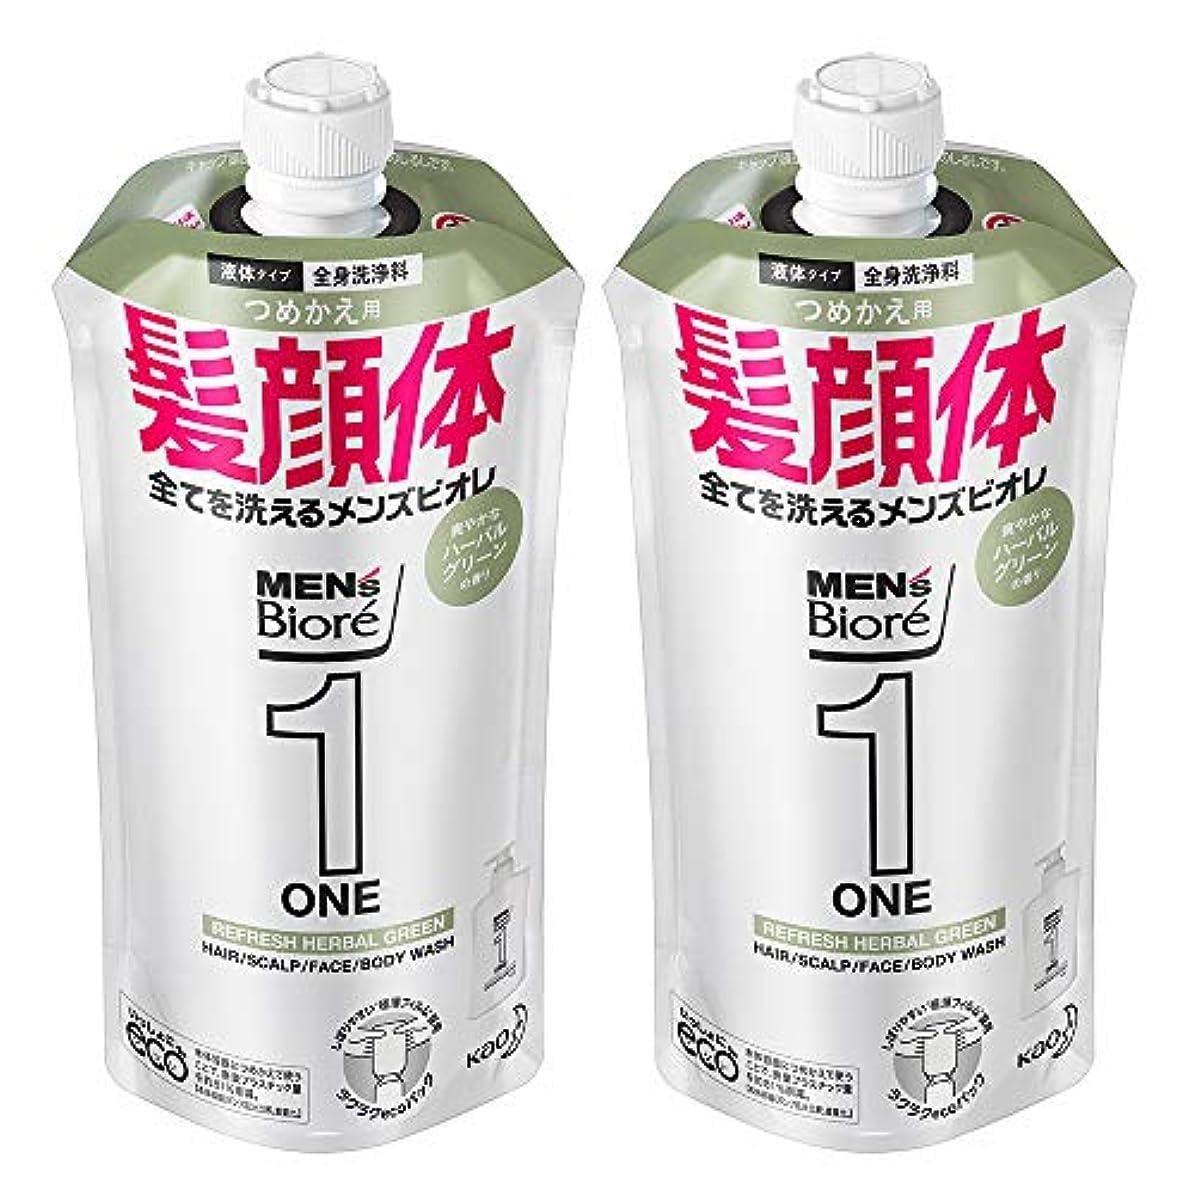 報酬コンパクトスーパー【まとめ買い】メンズビオレ ONE オールインワン全身洗浄料 ハーバルグリーンの香り つめかえ用 340ml×2個